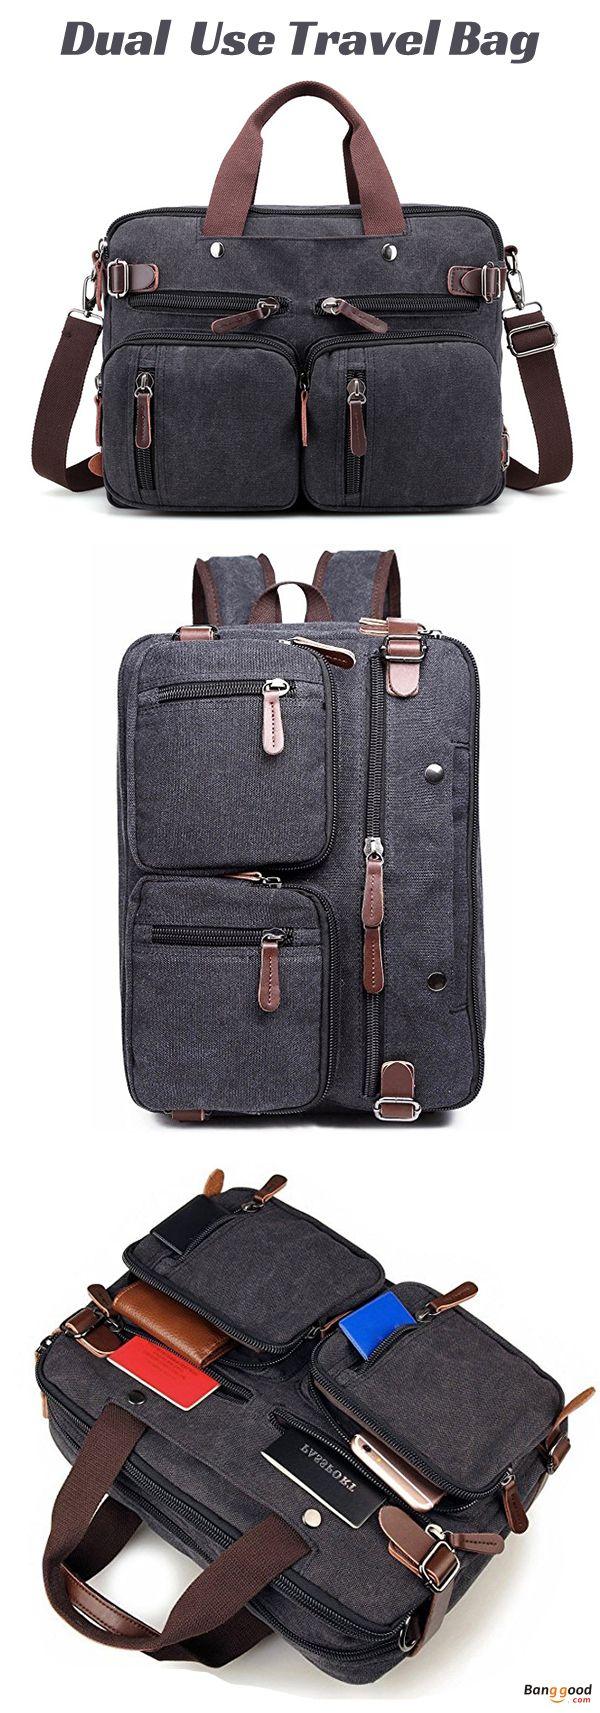 US$36 + Free shipping. Men Bag, Street Handbags, Vintage Crossbody Bag, Shoulder Bag, Travel Bag, Duel Use Backpack, Men Backpack. Color: Black, Brown, Grey, Khaki. Material: Canvas.